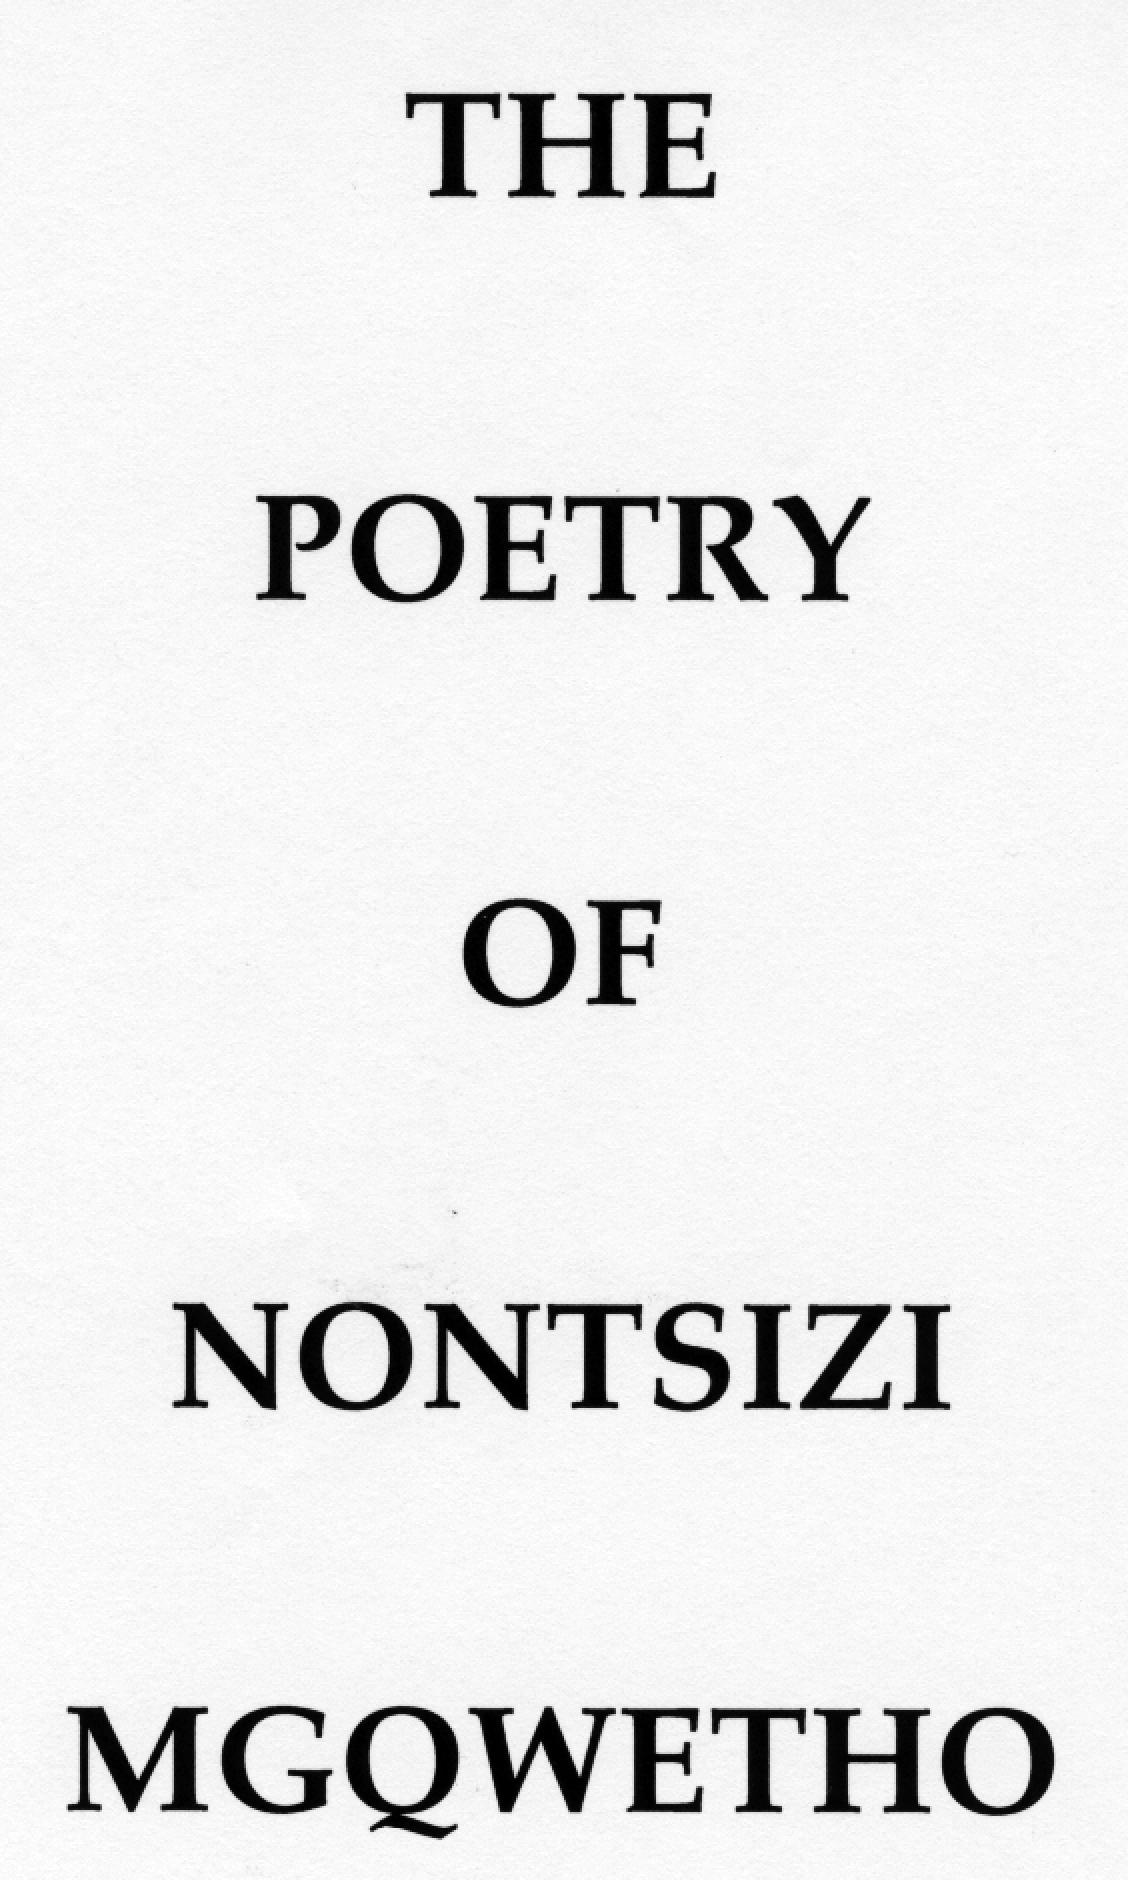 Nontsizi Mgqwetho Poetry